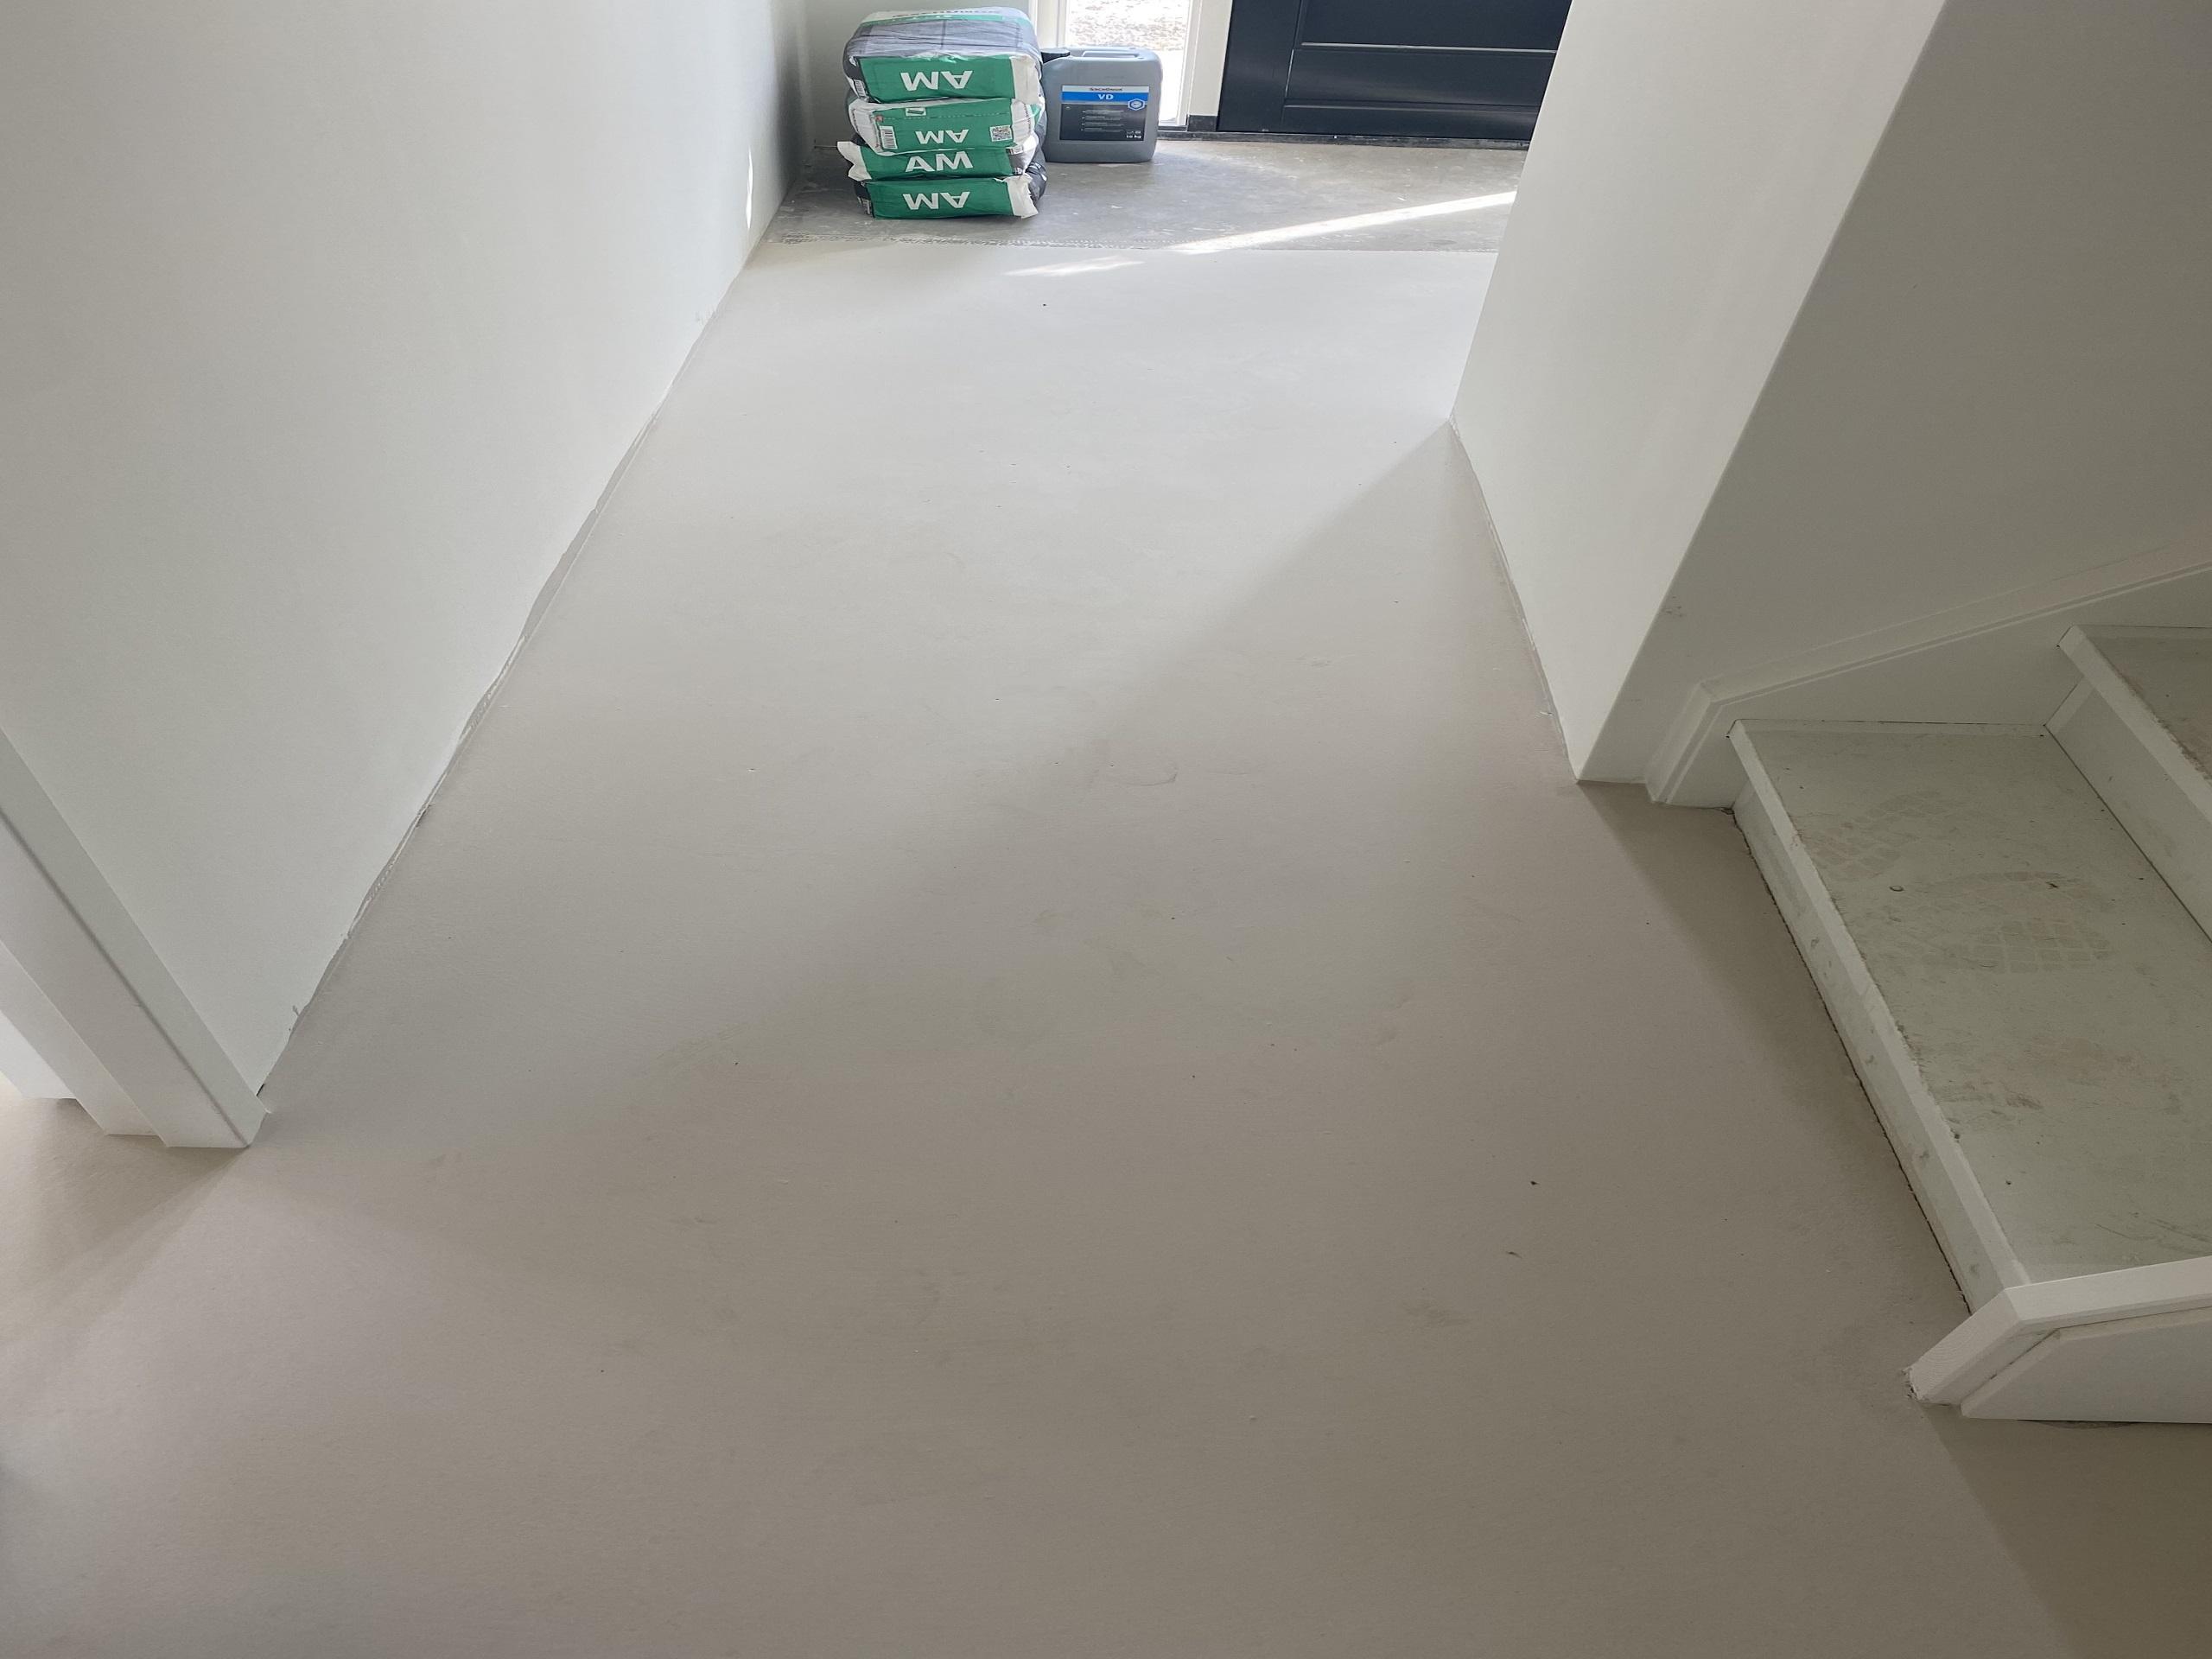 Visgraat vloer leggen op nieuwe ondervloer 2